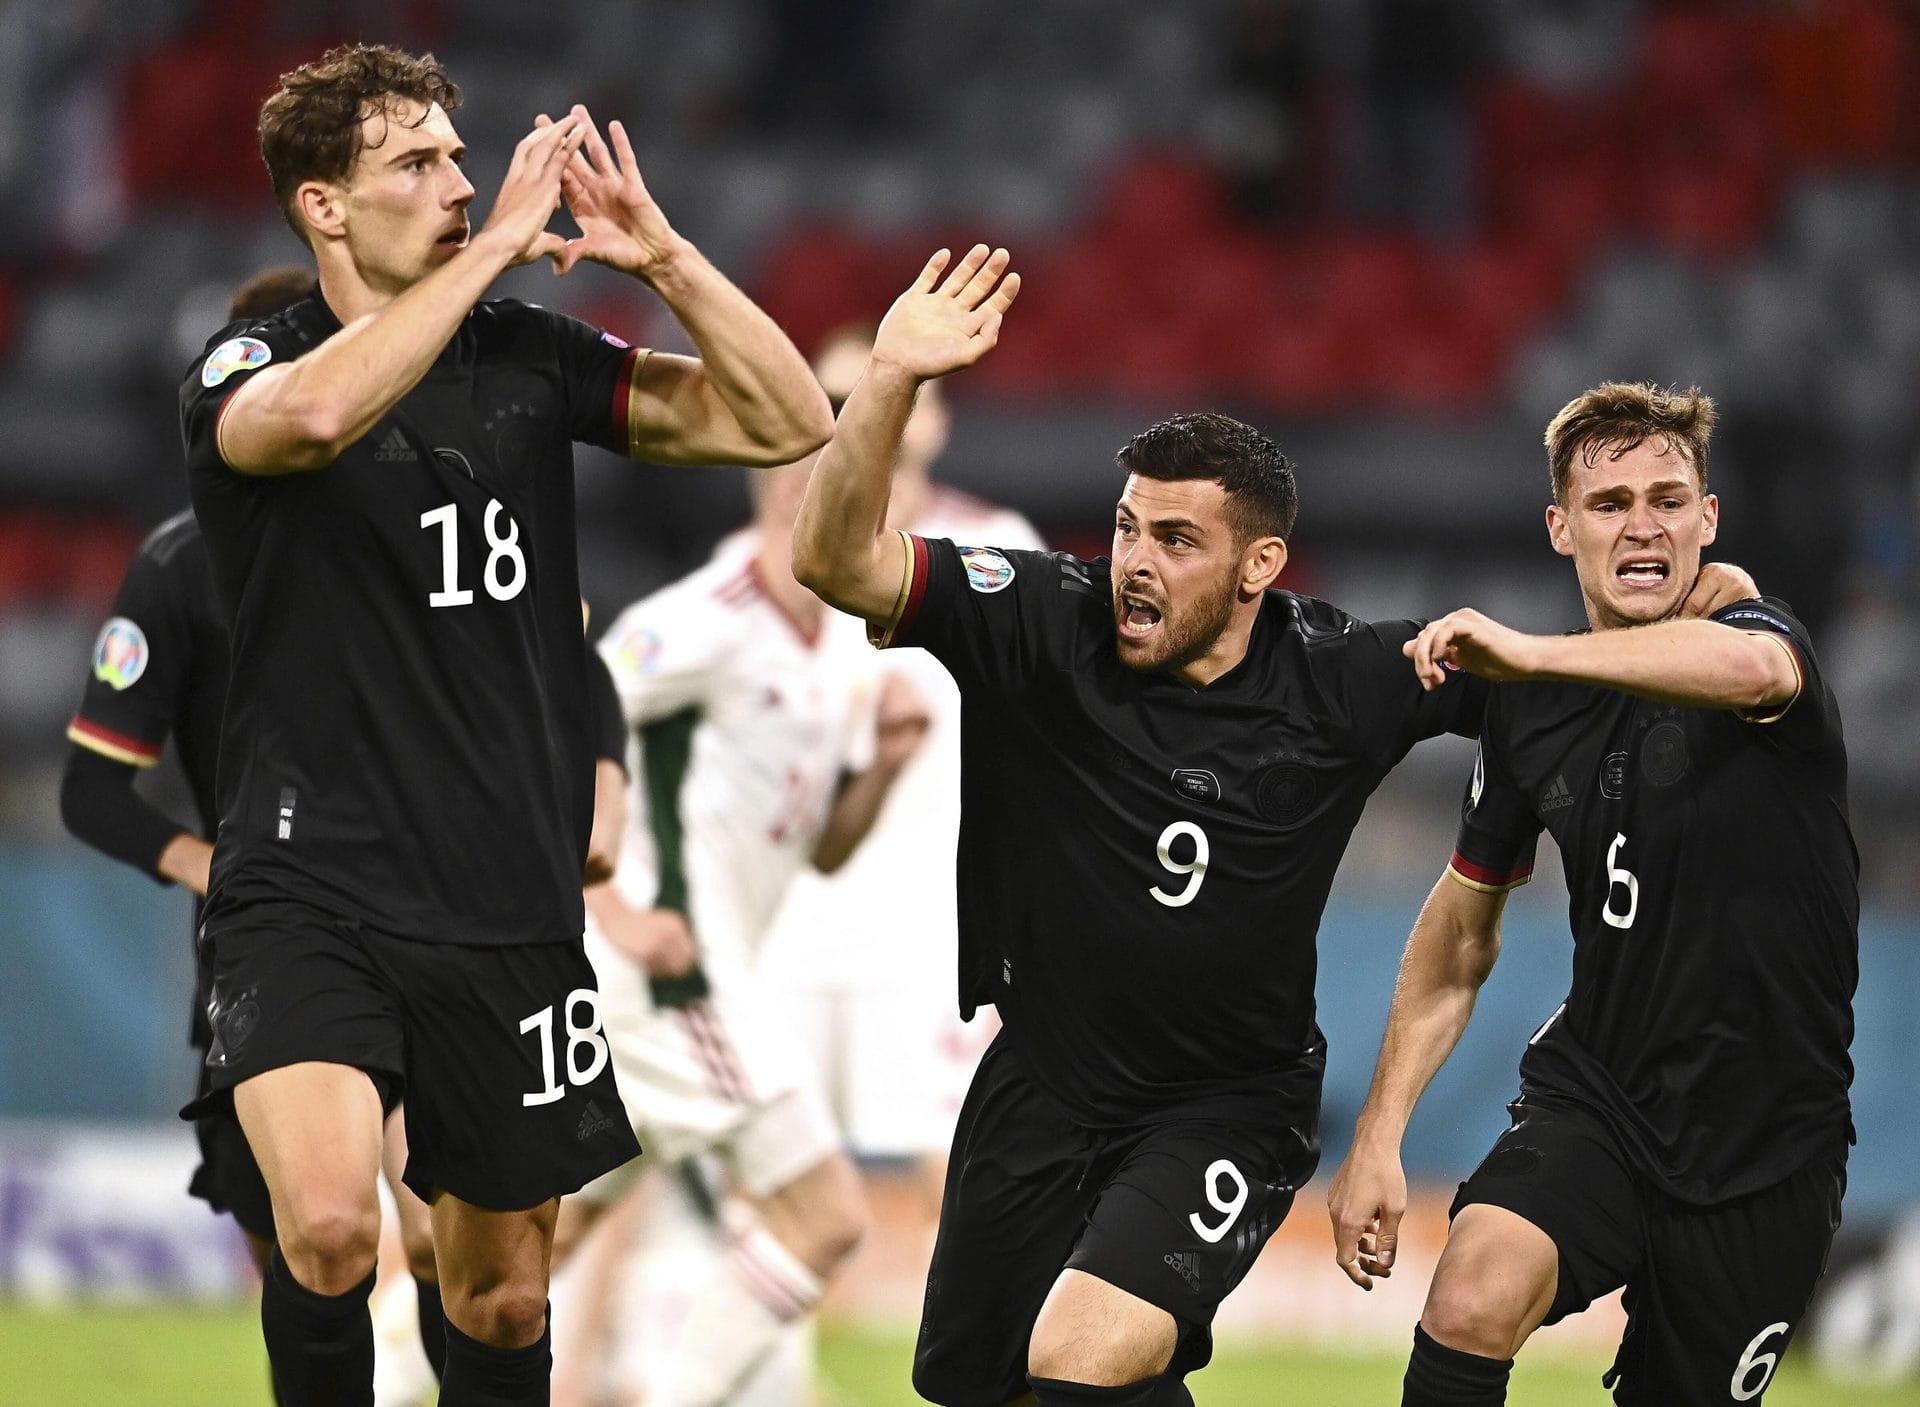 Die DFB-Elf hat sich Wembley verdient Am Dienstag kommt es in London zum Fußballklassiker England gegen Deutschland